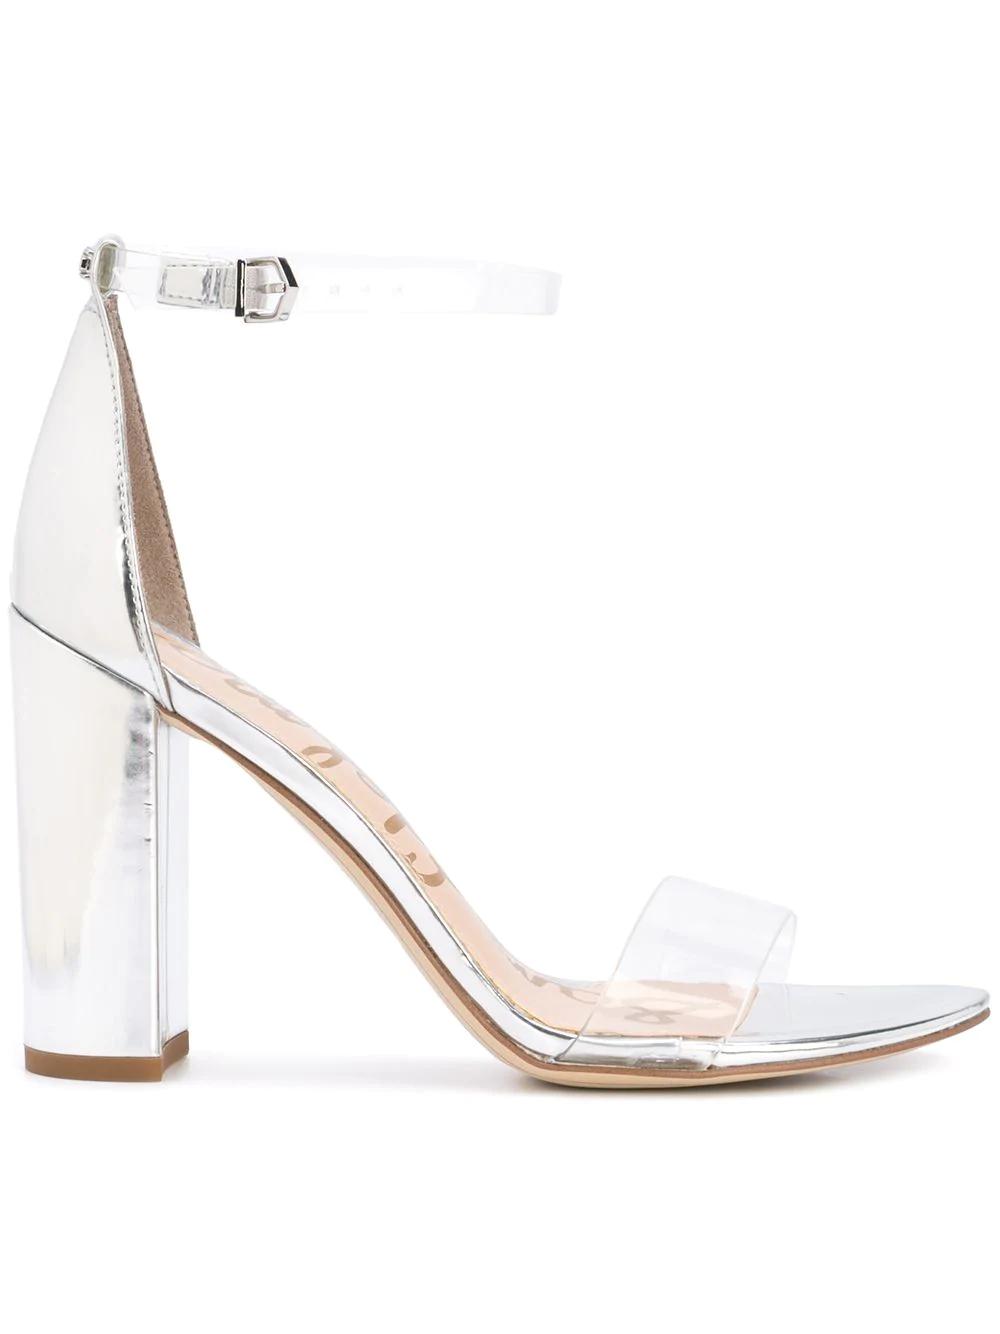 6351e80cc96 Sam Edelman Yaro Sandals In Silver